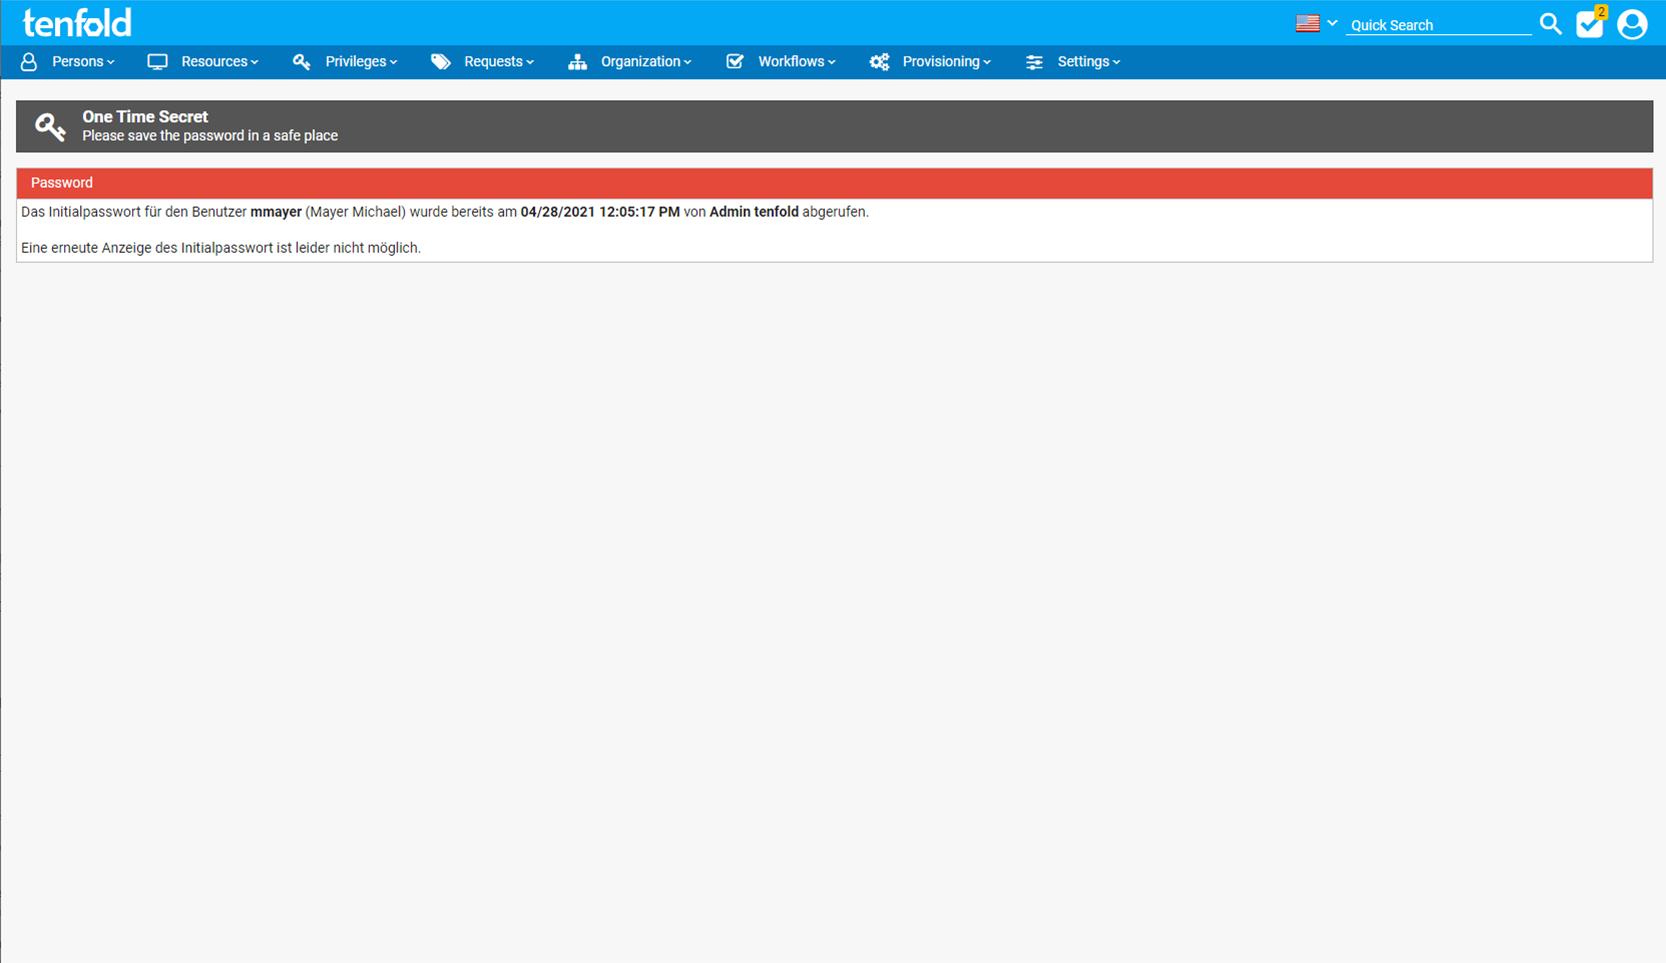 Screenshot der Access Management Software tenfold, auf dem die Nachricht über einen abgelaufenen Link im Zuge der Zustellung des initialen Passwortes zu sehen ist.